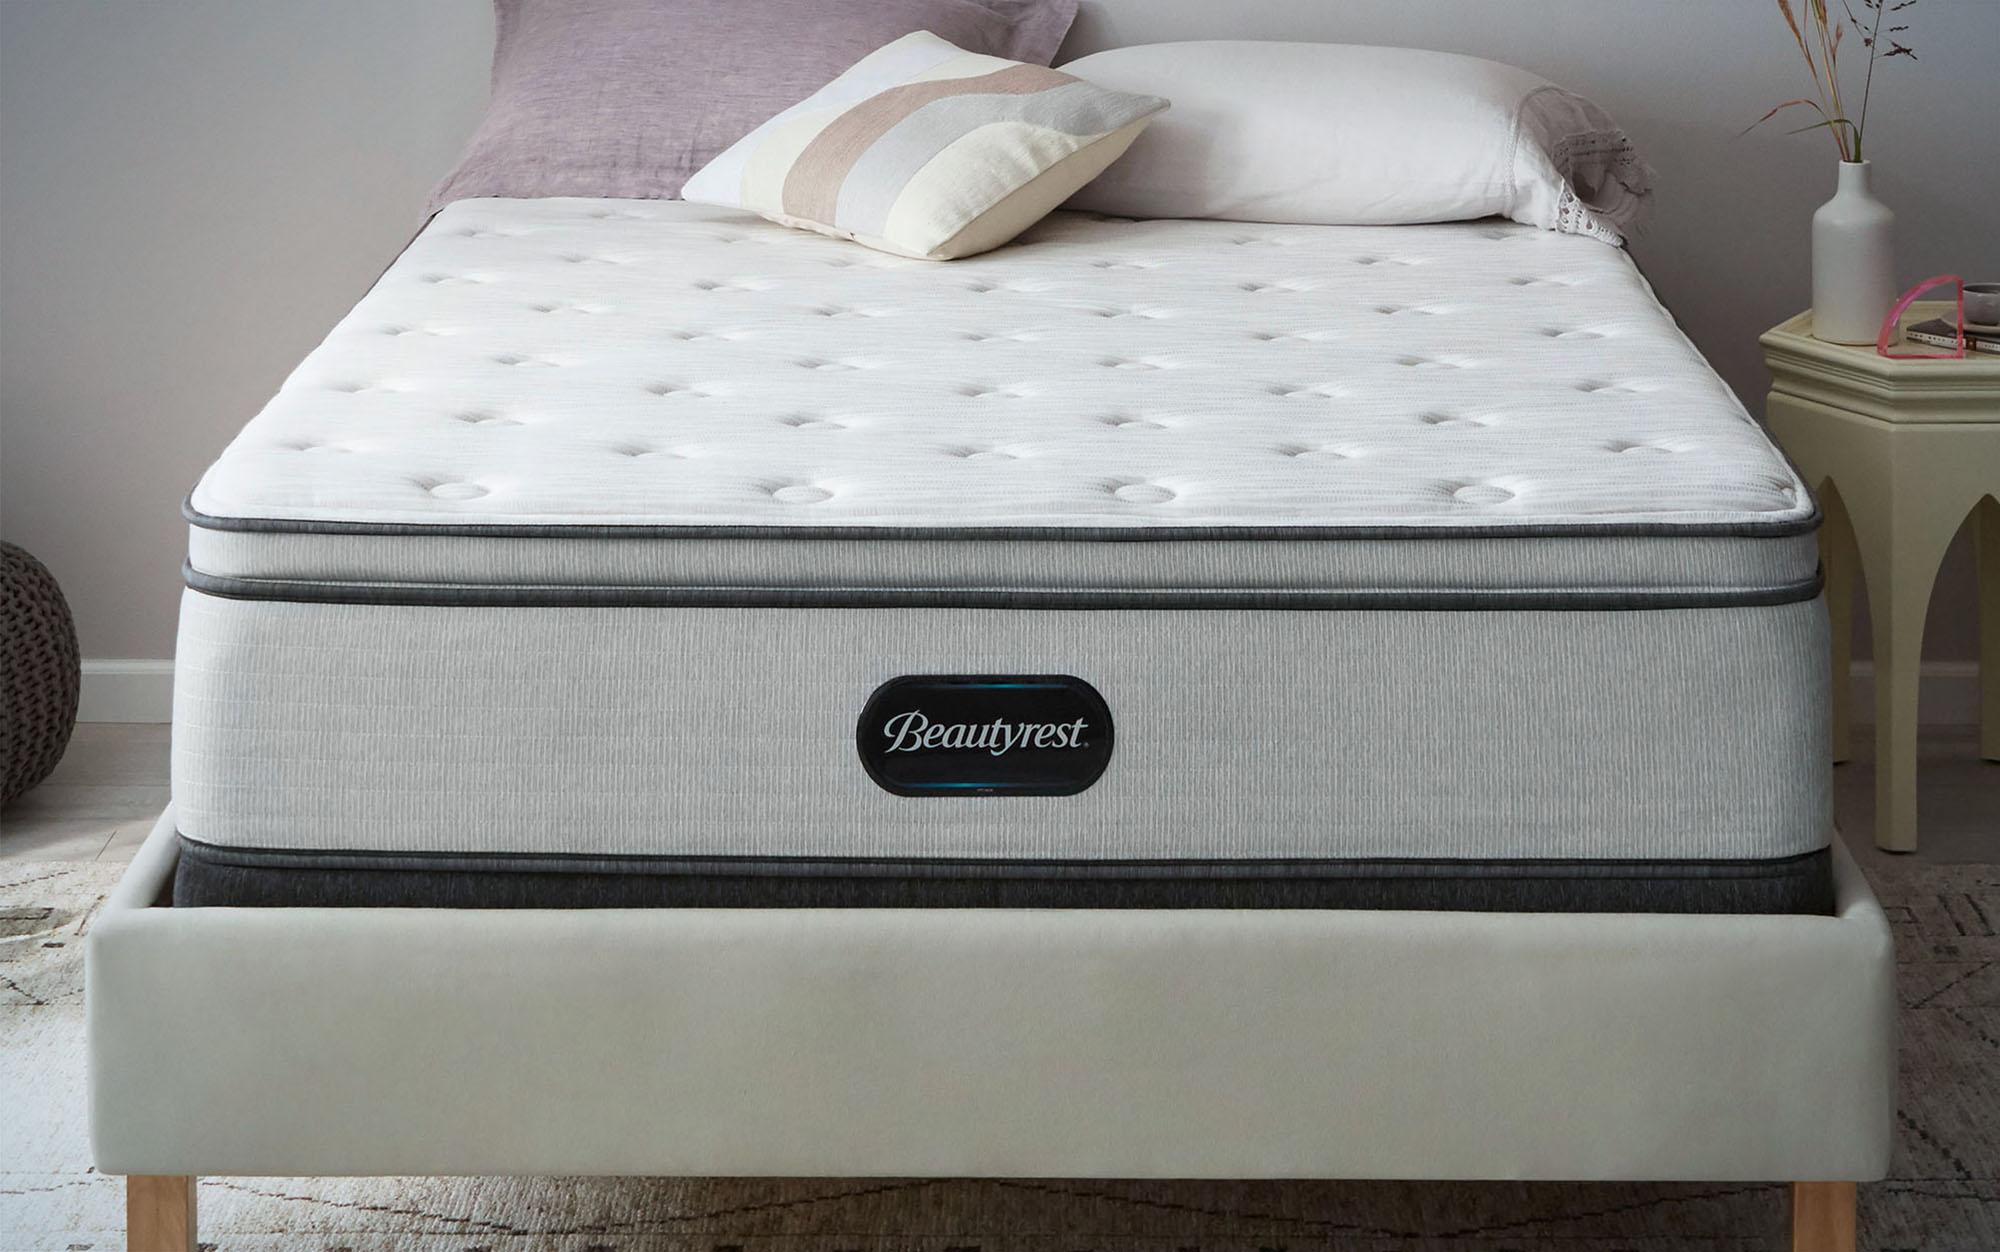 """Beautyrest 13.5"""" Premier Dual Cool Technology Pillowtop Mattress"""